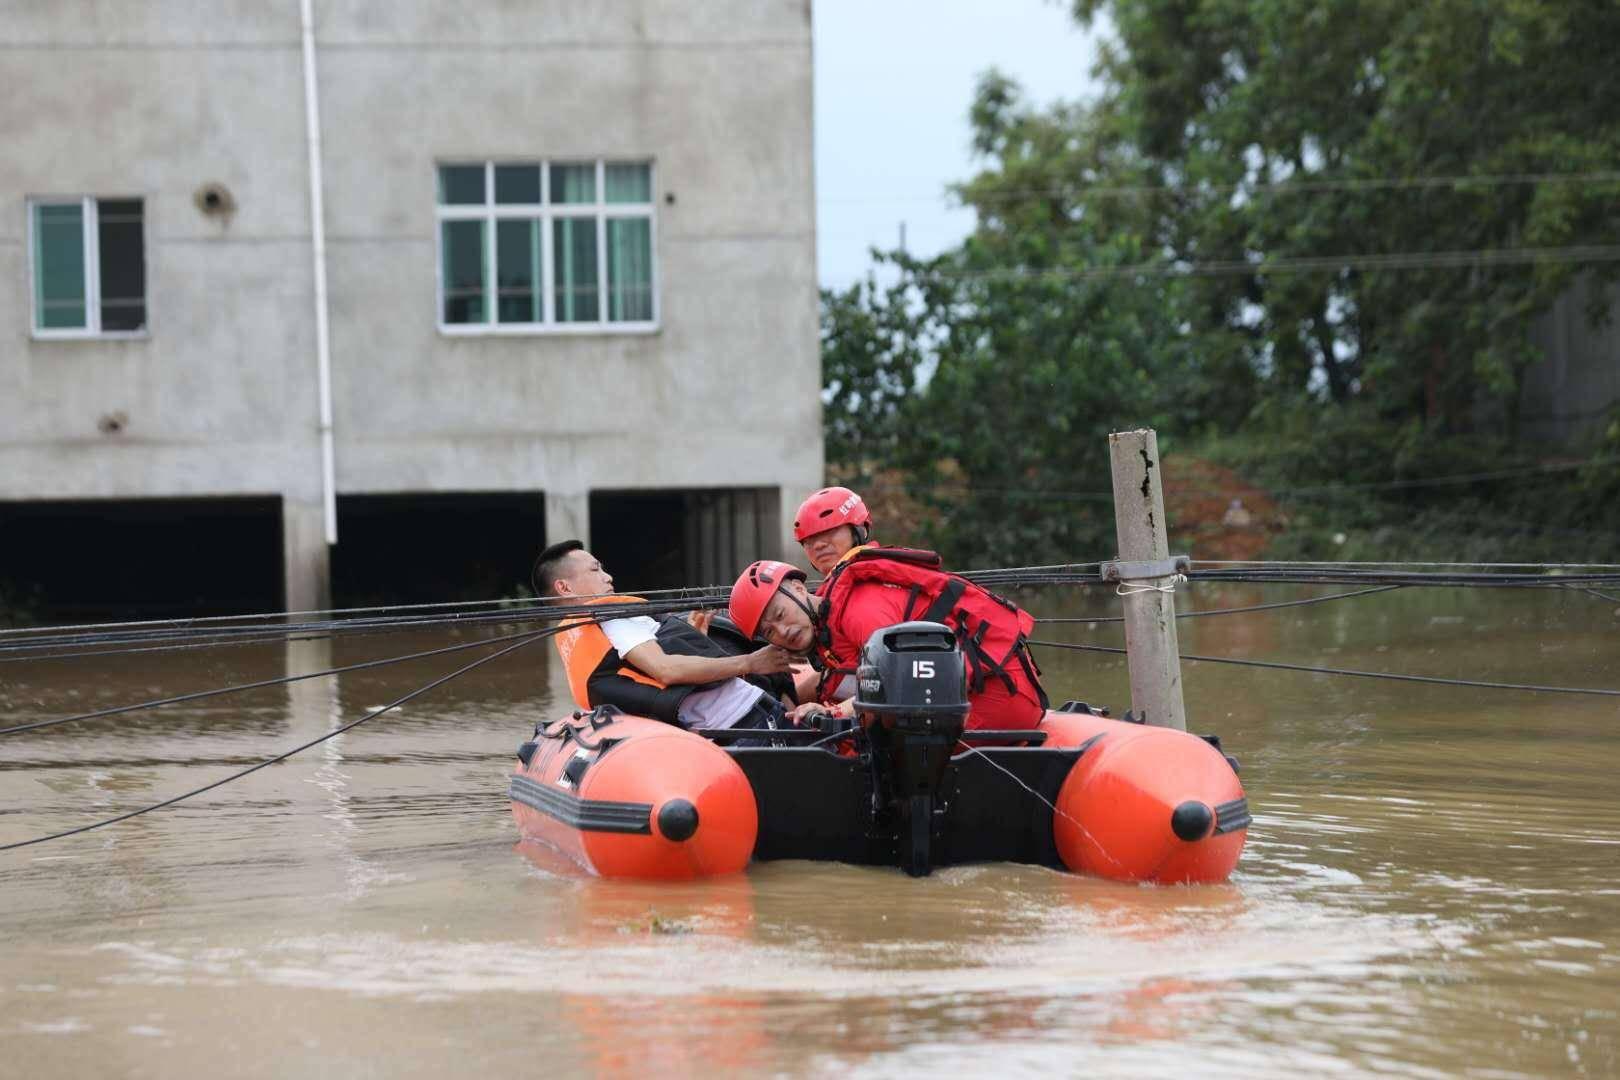 江西鄱阳一乡镇出现漫堤,救援人员翻上三楼救出被困幼童